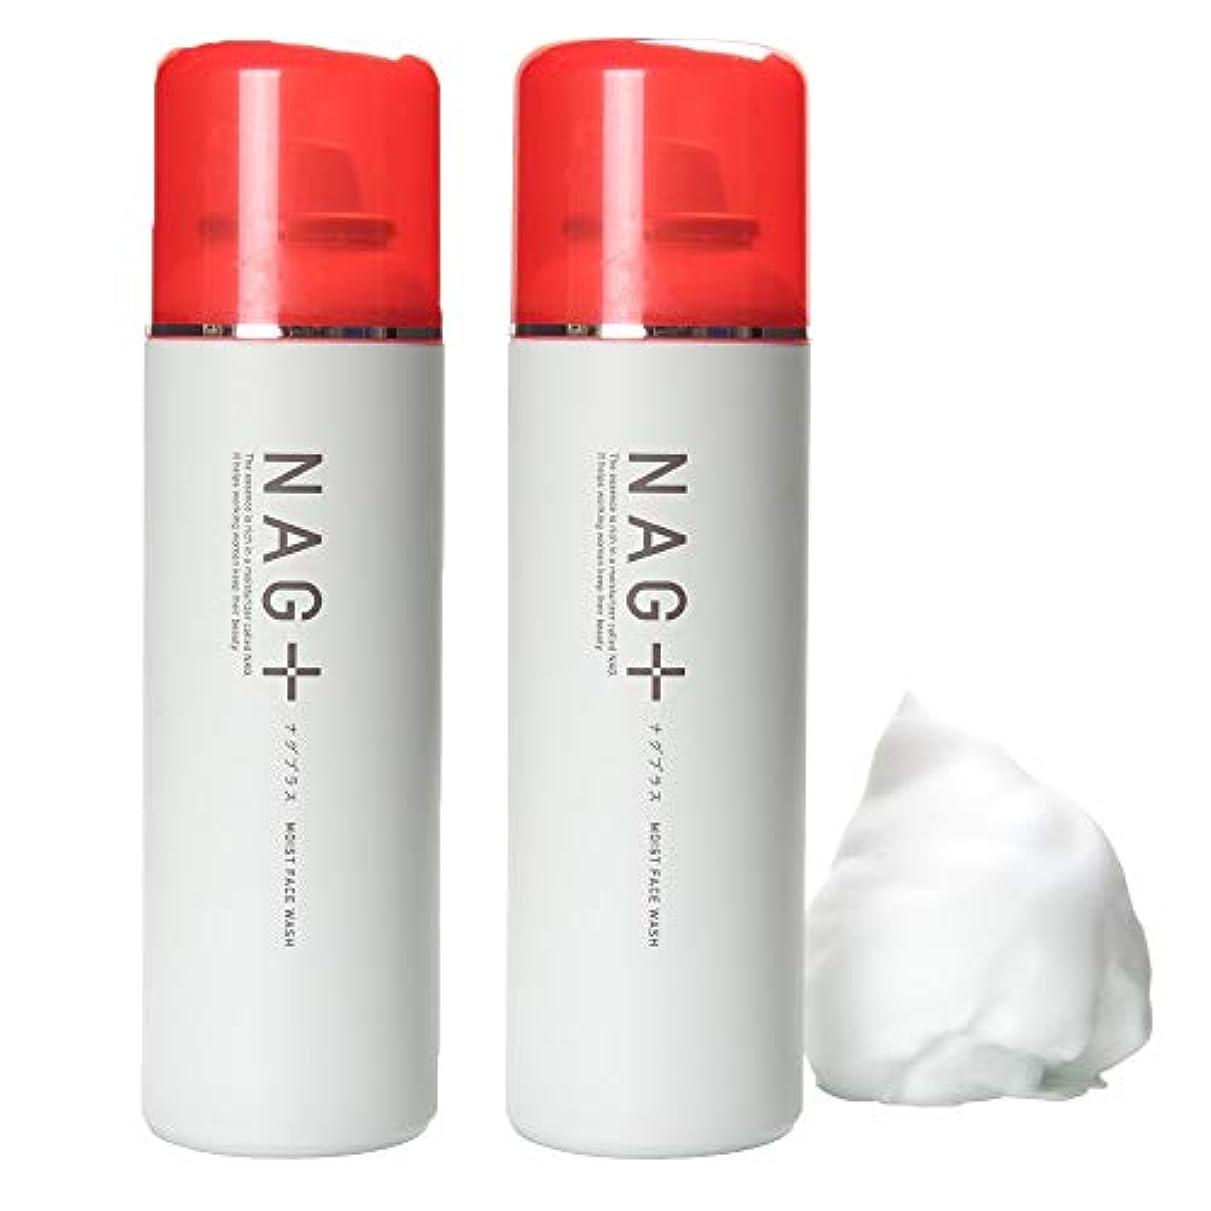 絶対の四または保湿する泡洗顔 2本セット